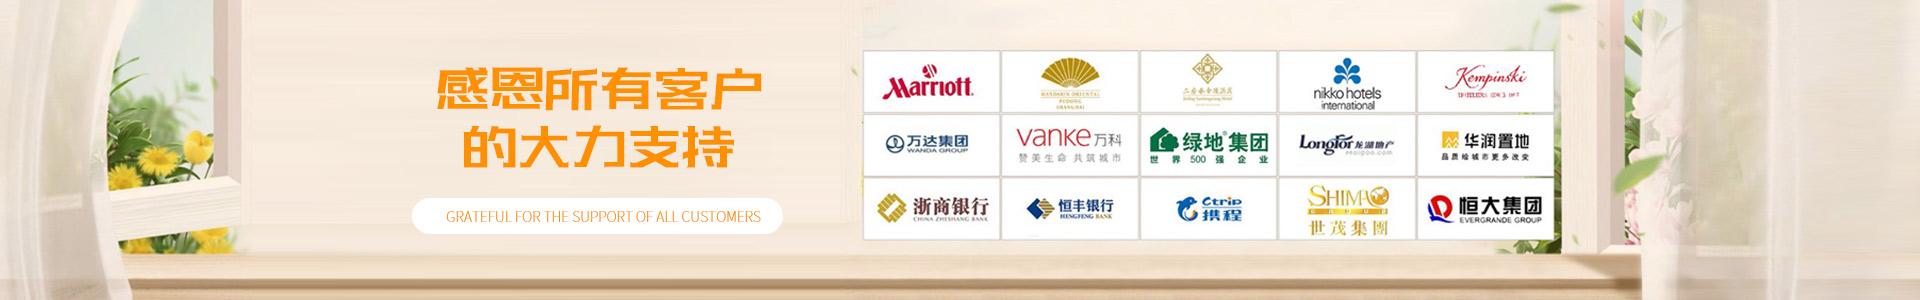 上海博开-应用案例